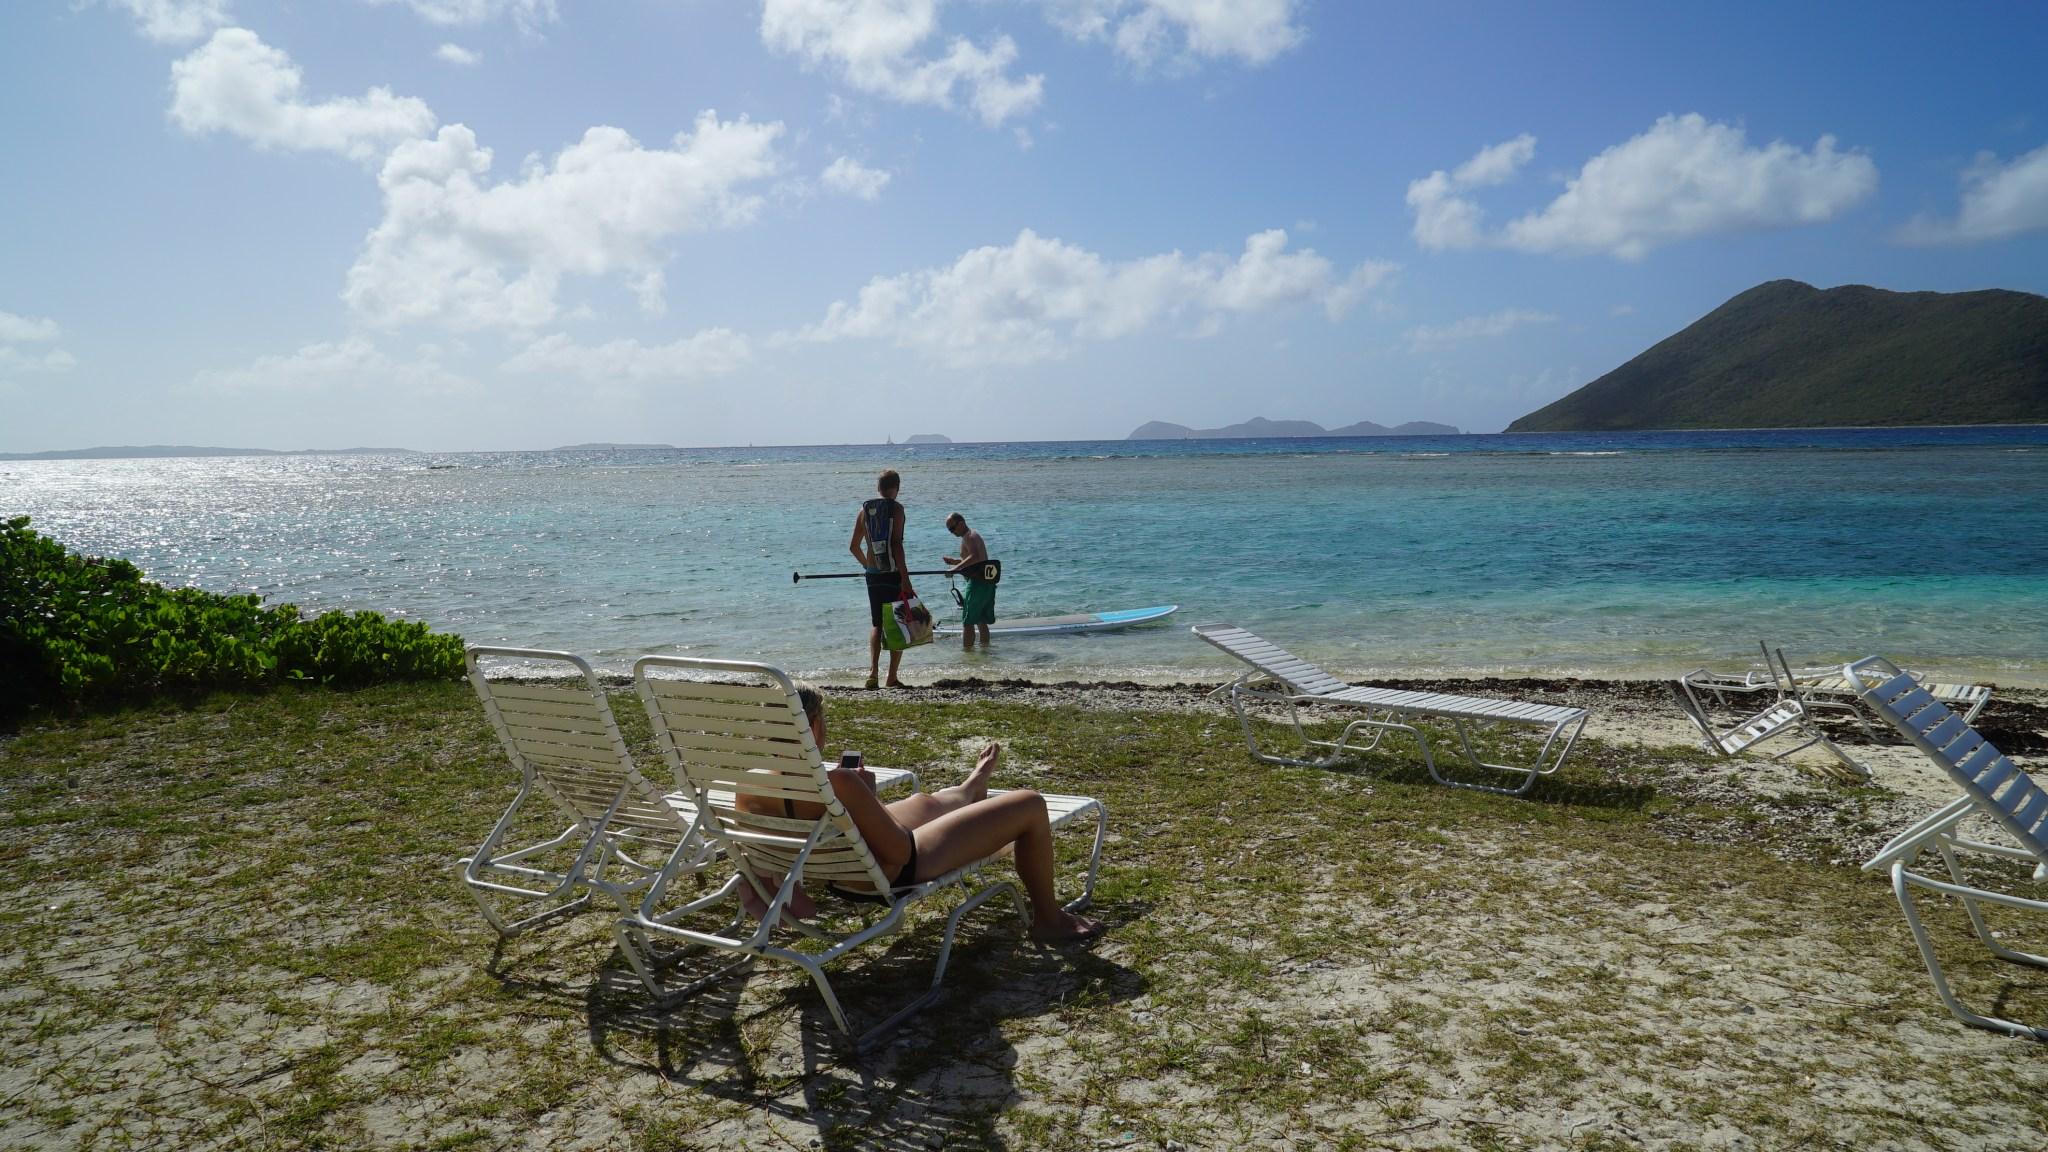 Marine Caylla käytiin rentoutumassa ja suppailemassa. Tietenkin Jaakolle ja Sallalle tuli saaren kiertokilpailu. Tasapeli!